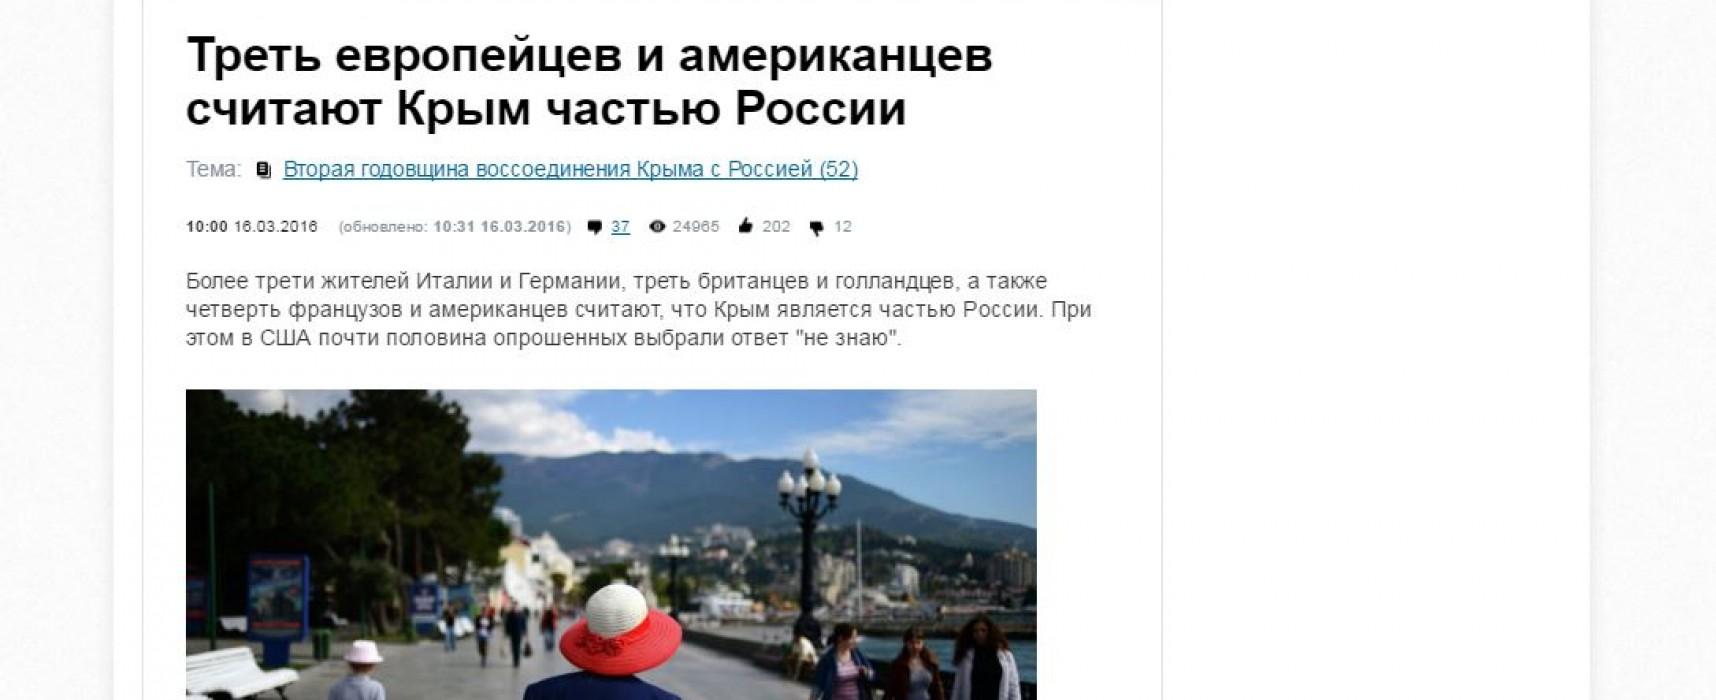 Presa rusă a difuzat rezultatele unui sondaj dubios cu privire la Crimeea